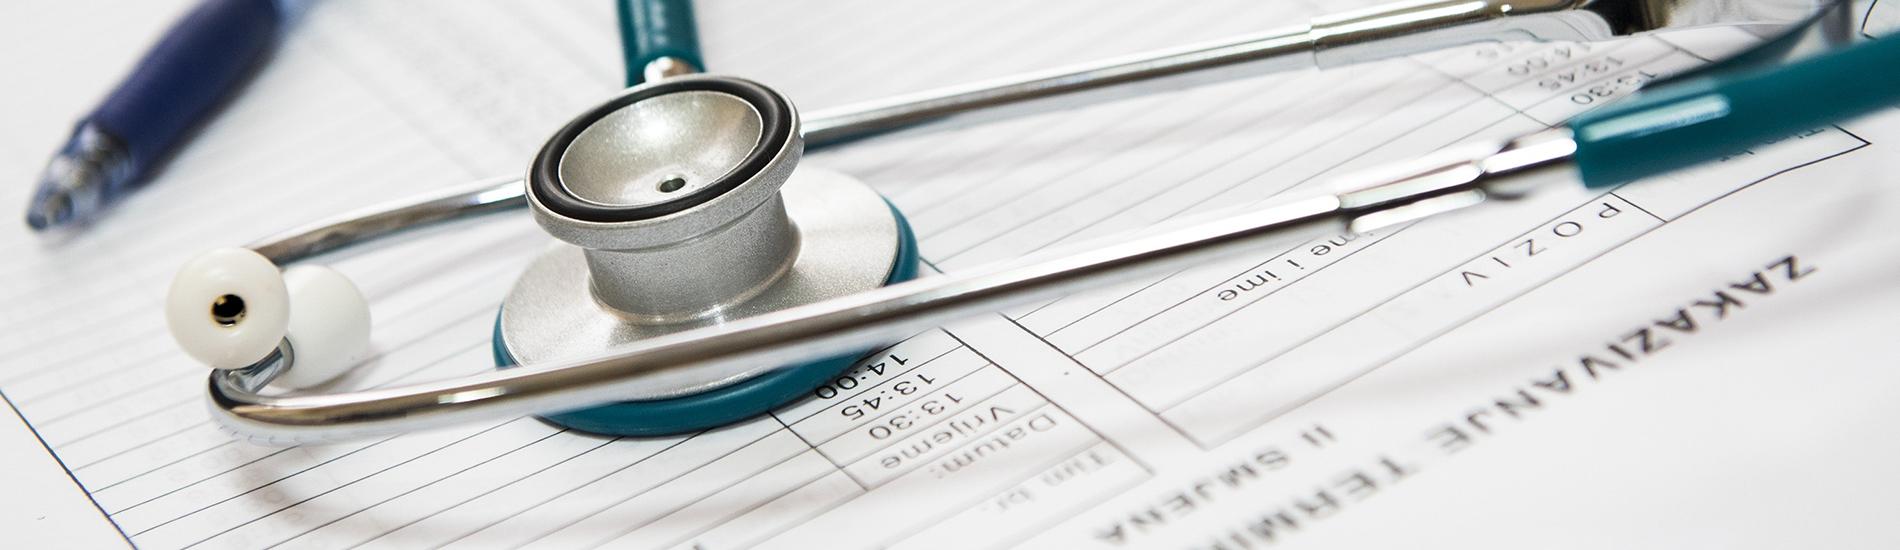 Brak zgody pacjenta na przeprowadzenie operacji lub leczenia